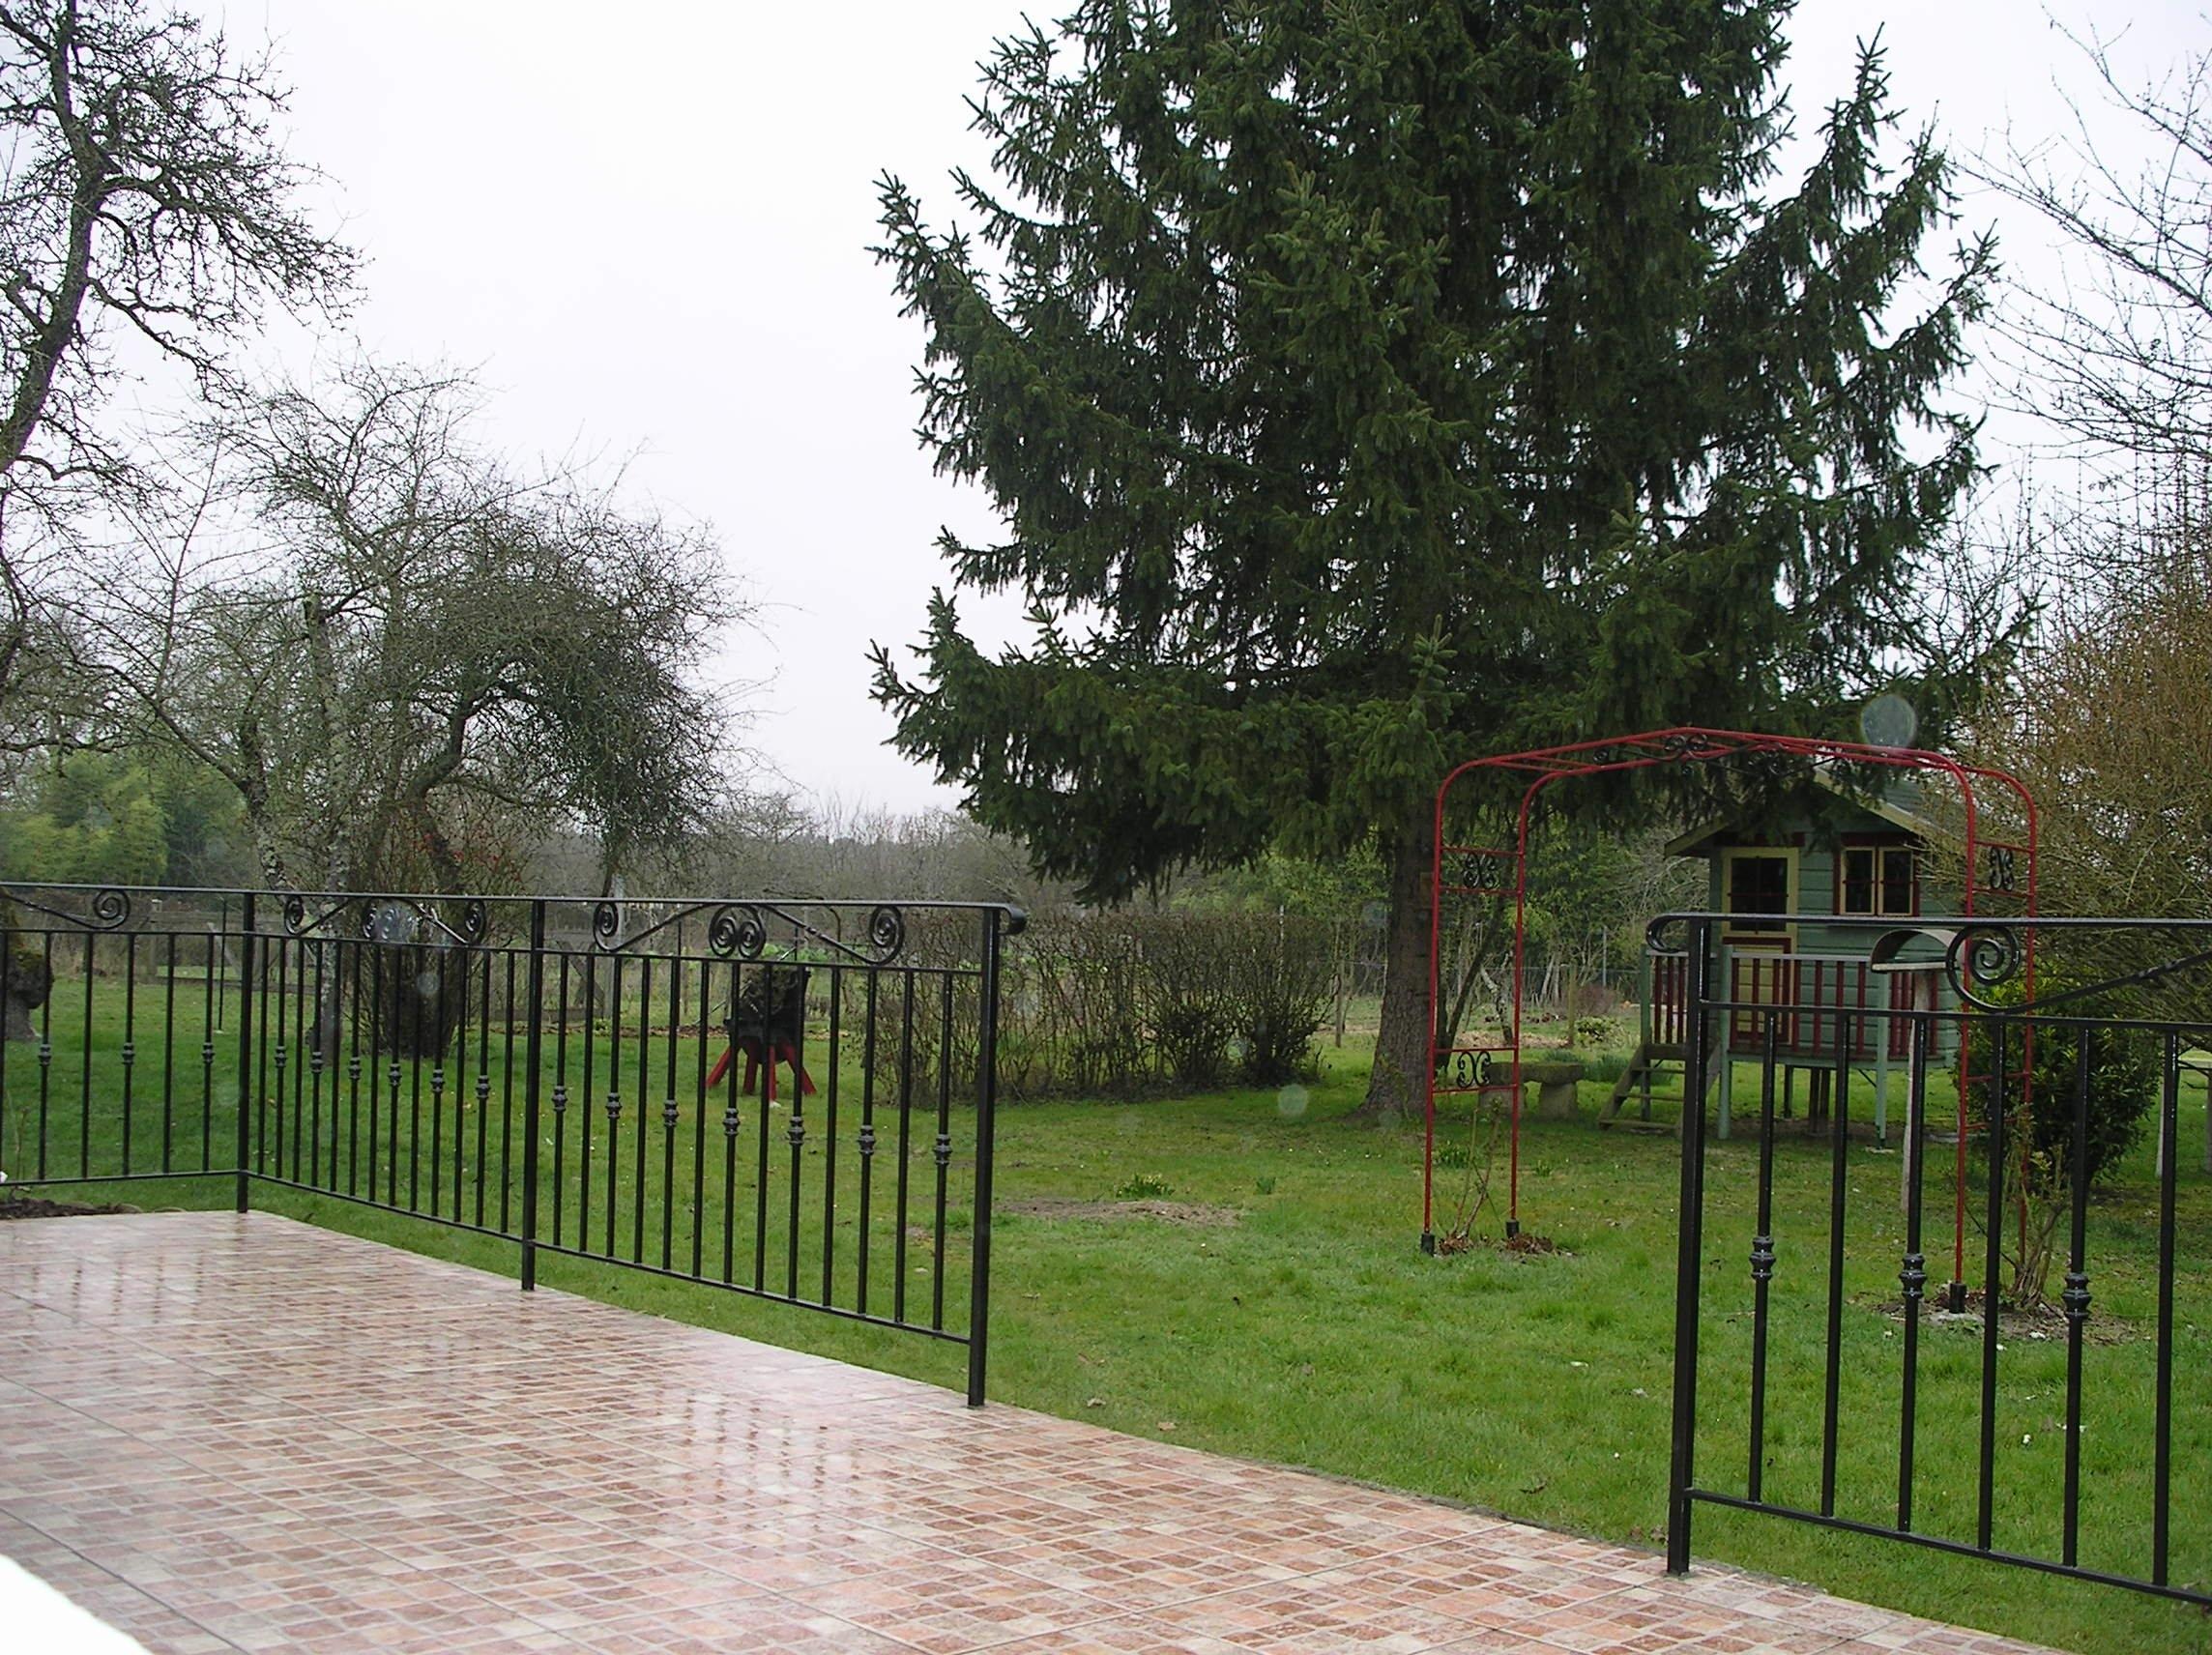 Terrasse Bois Et Fer inspirez-vous de la rampe ou du garde-corps en fer forgé d